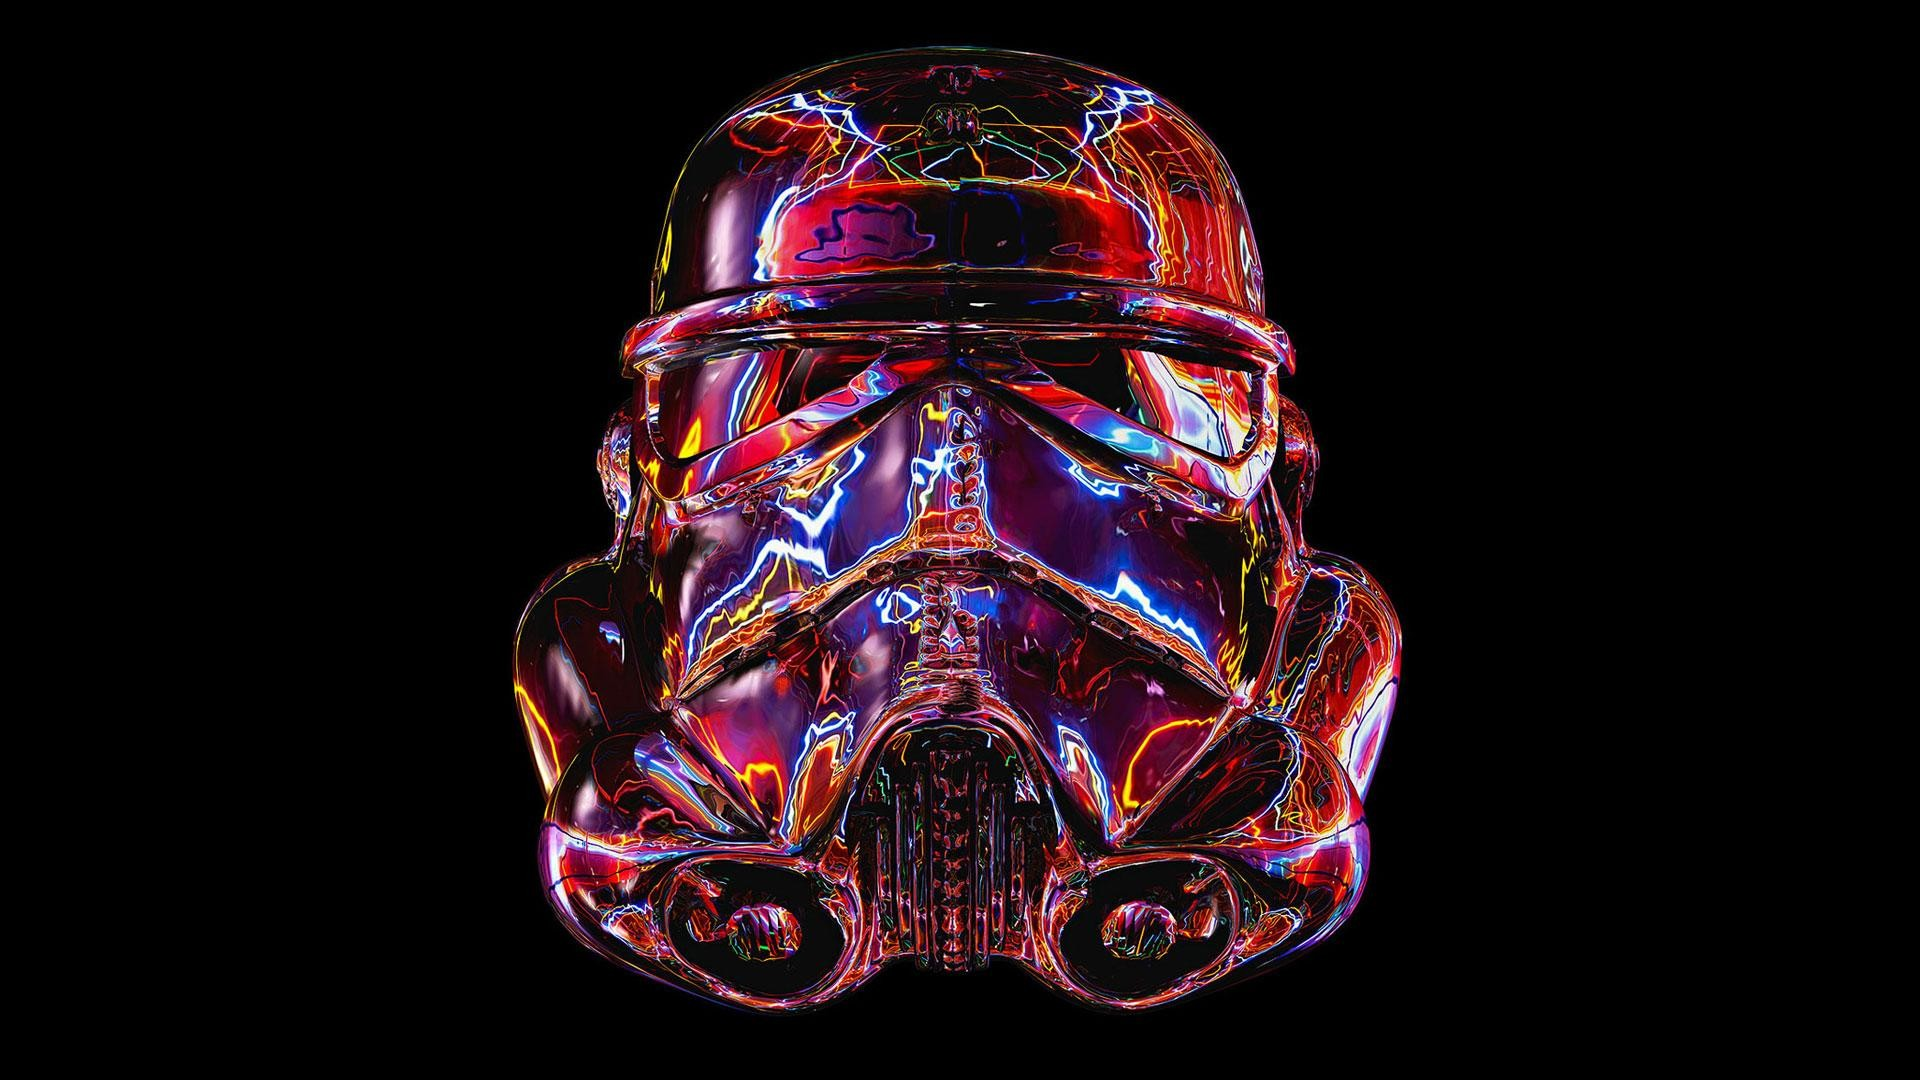 Res: 1920x1080, Storm trooper Wallpaper. Storm trooper Wallpaper. Stormtrooper Wallpaper HD.